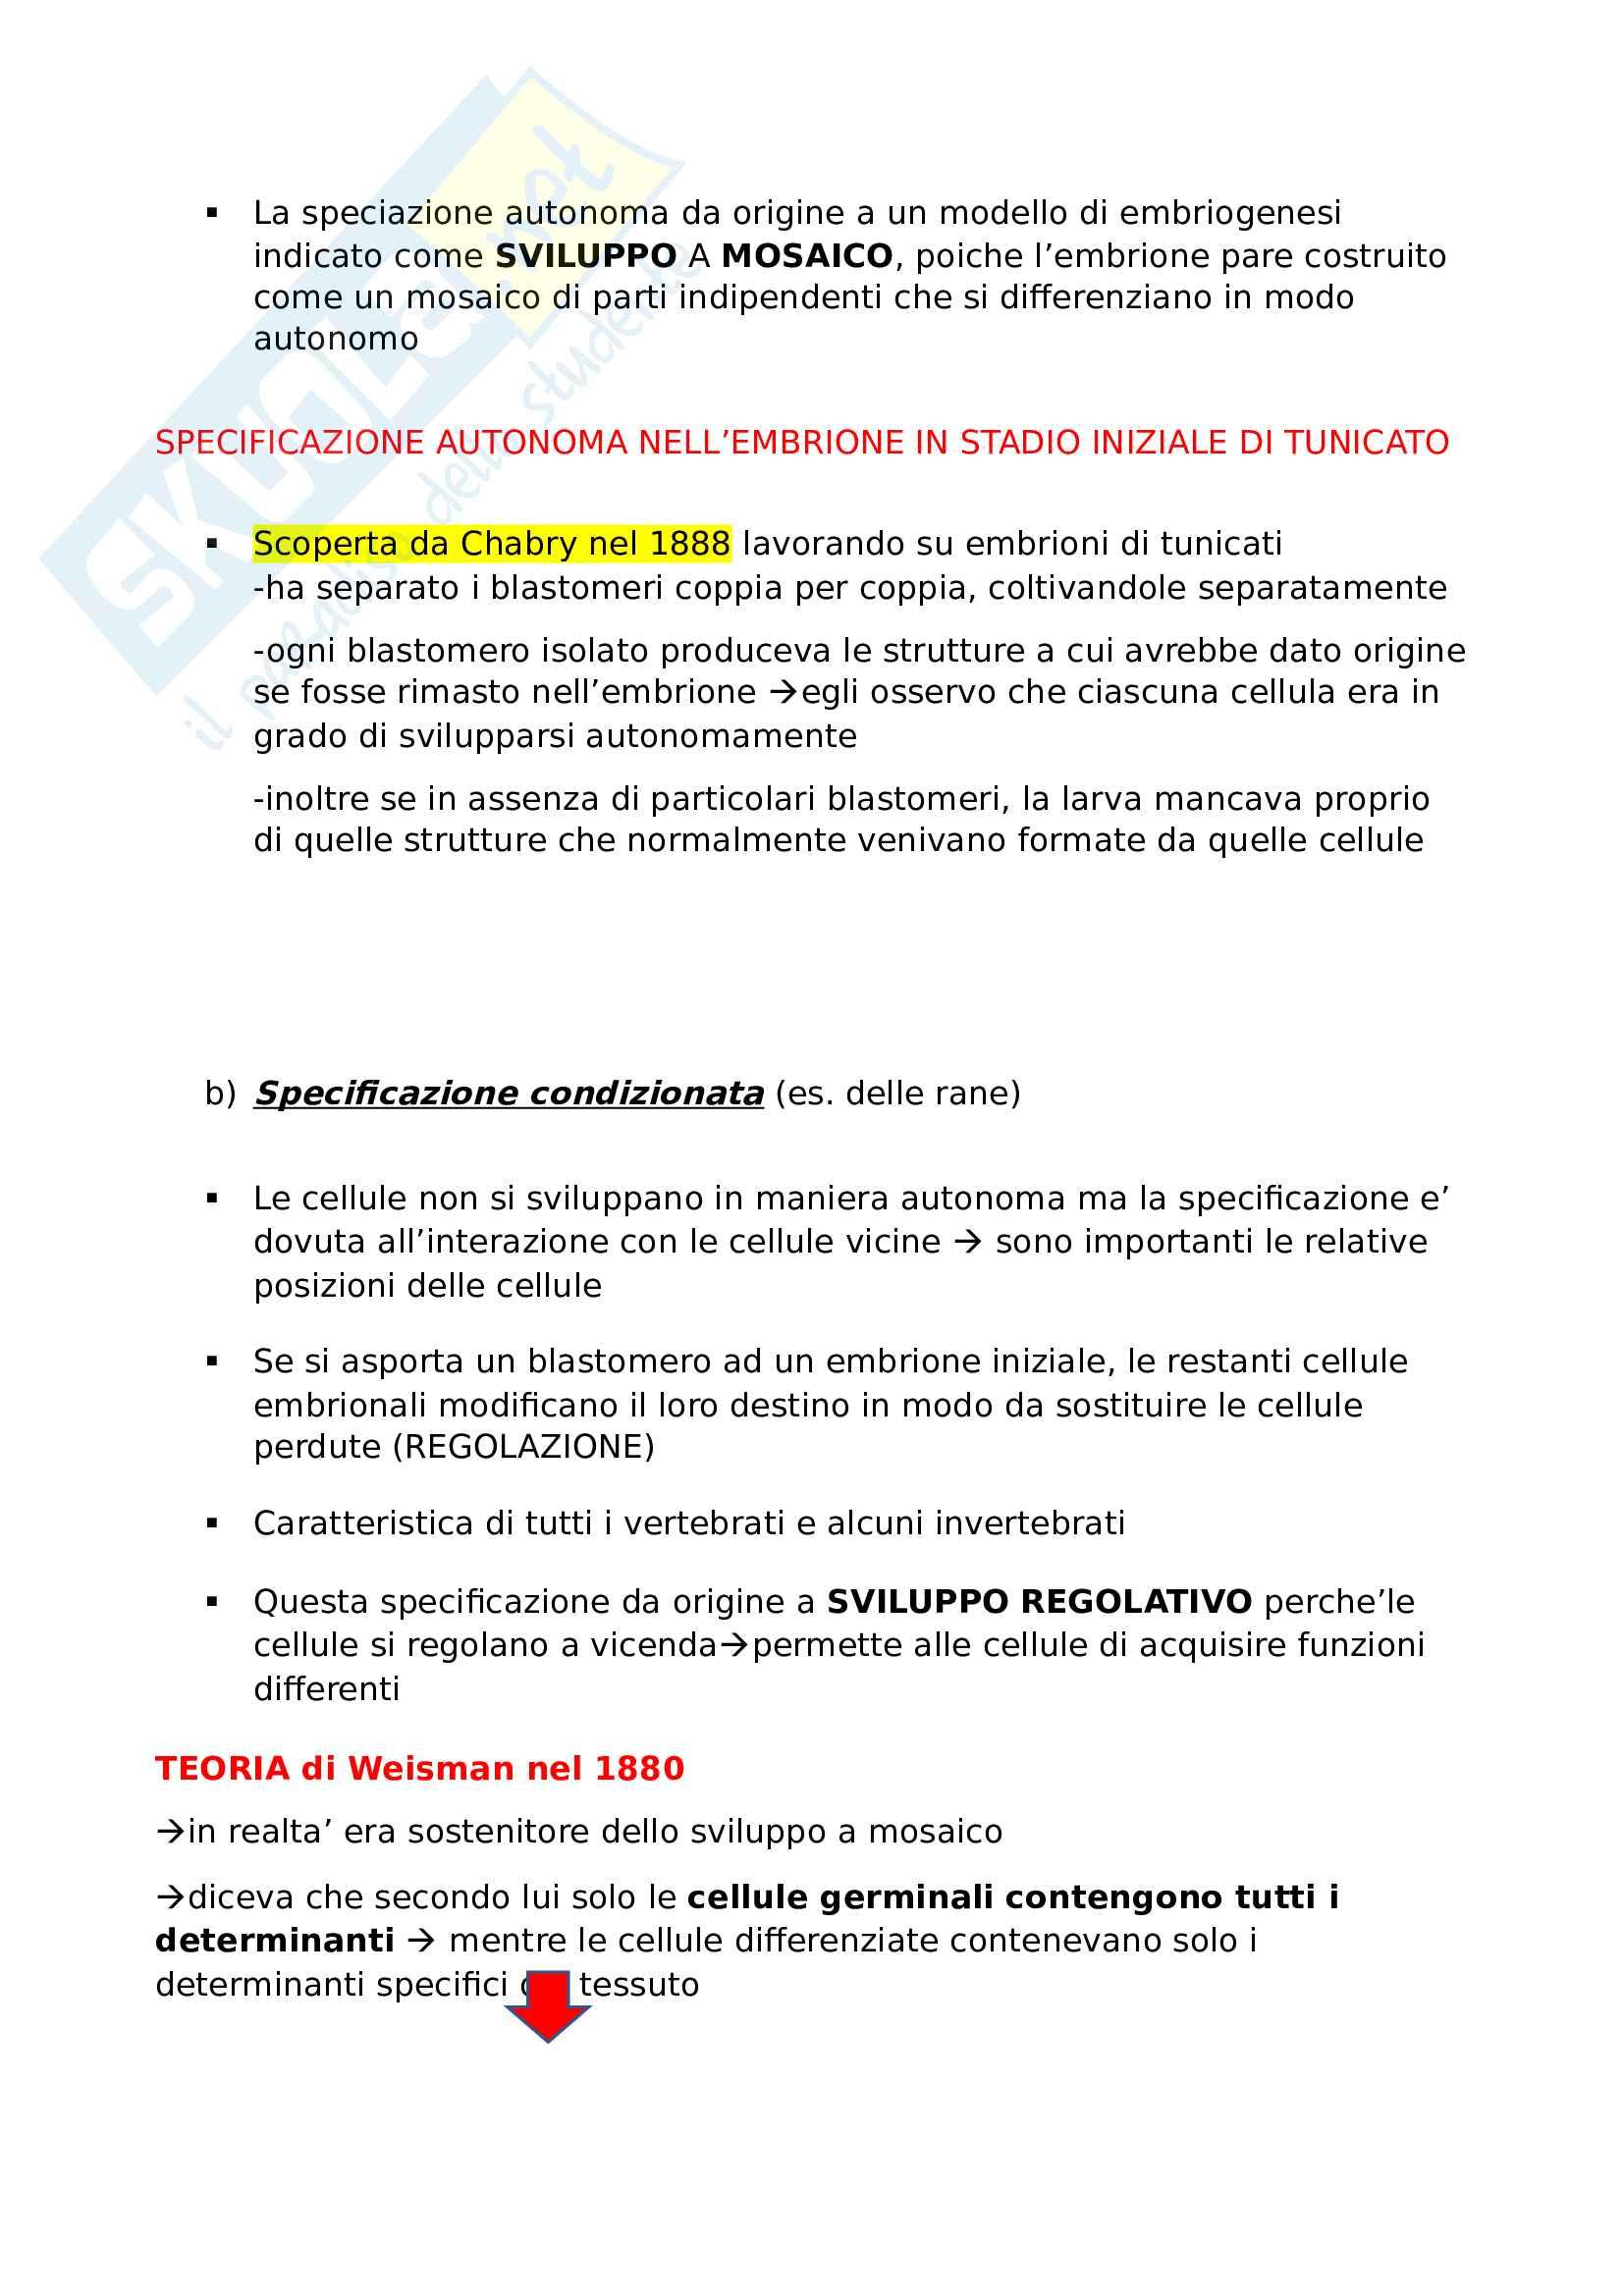 Biologia dello sviluppo (segmentazione e gastrulazione) Pag. 11